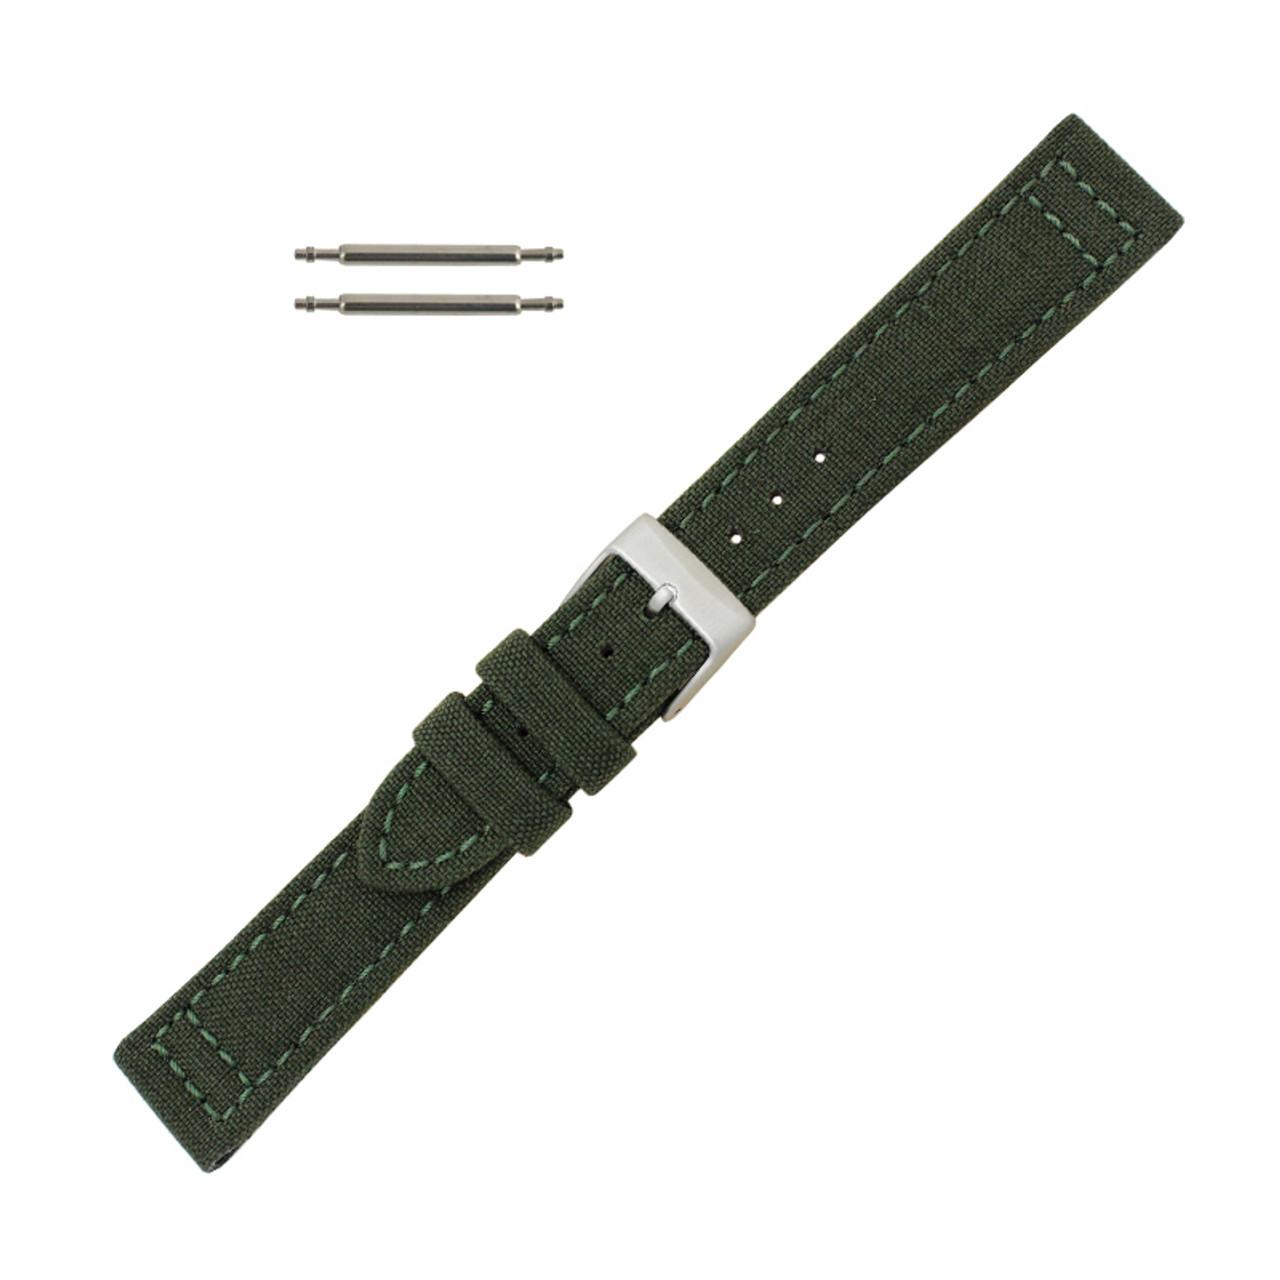 de23e76cb94 Hadley Roma Genuine Cordura® Watch Strap 18mm Military Green